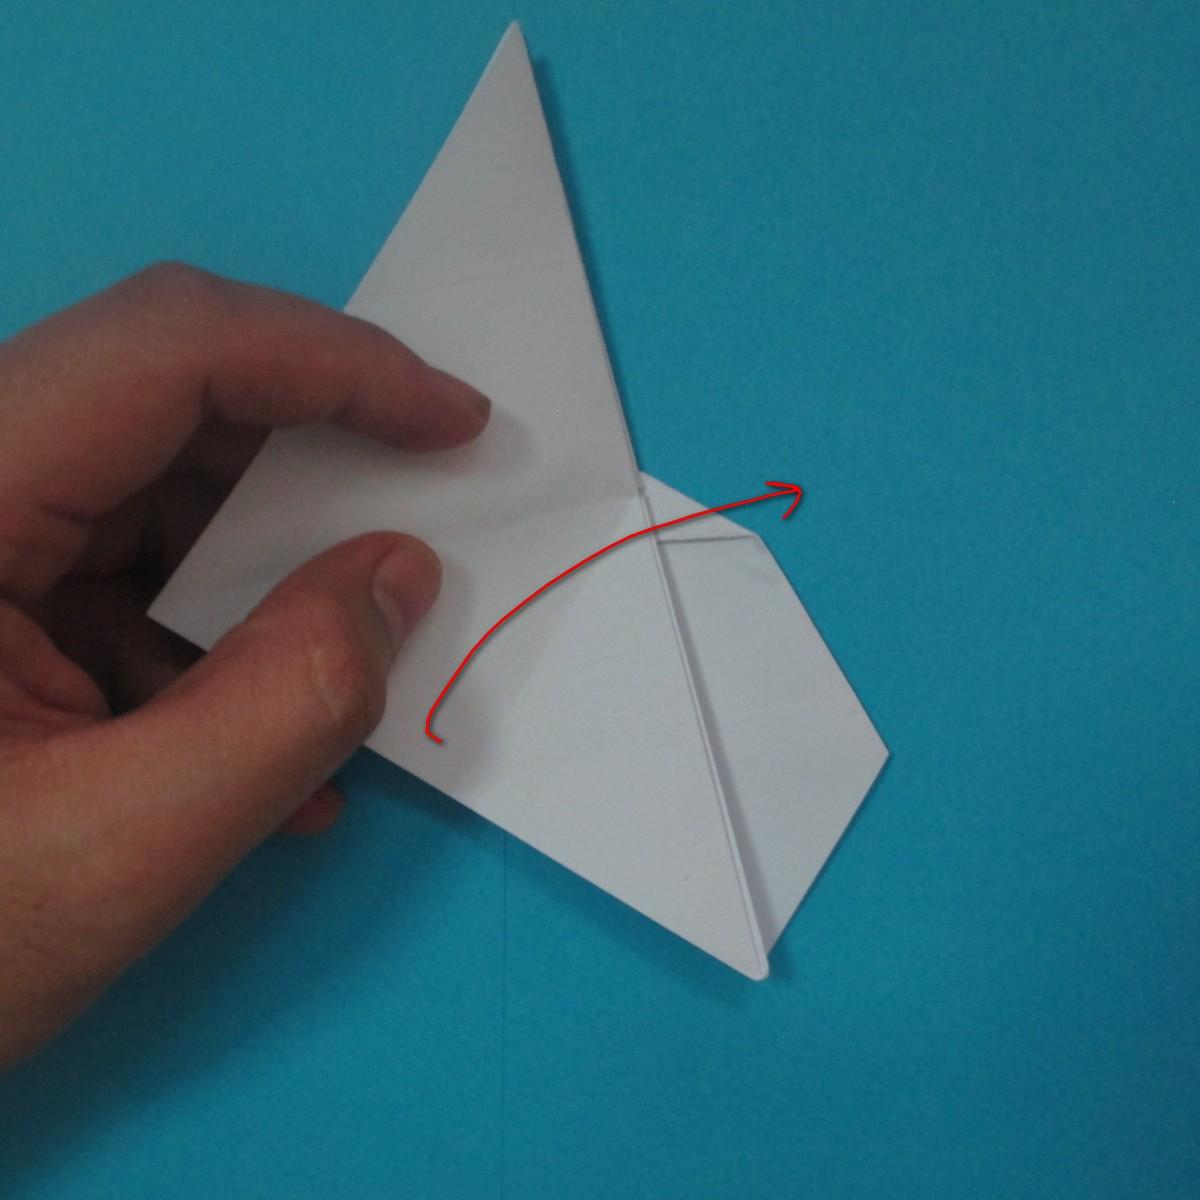 วิธีการพับกระดาษเป็นนกเพนกวิ้น 026